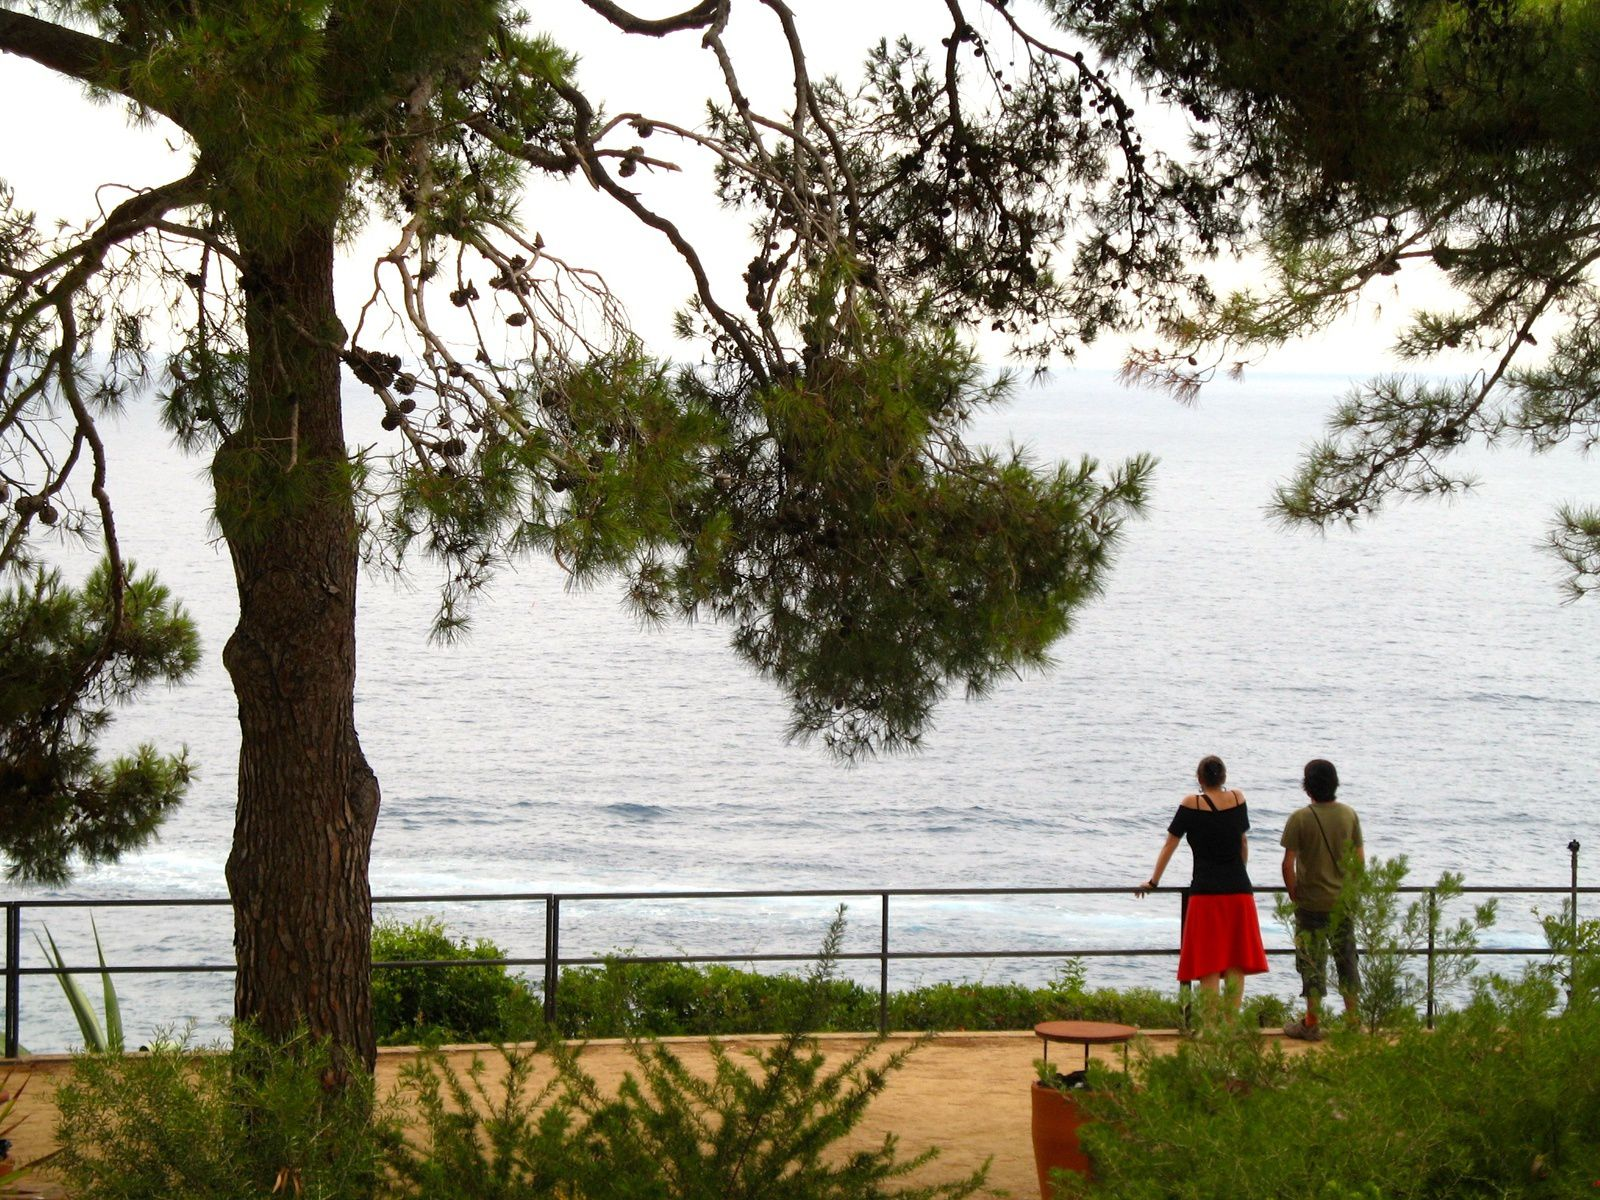 Jardin de Marimurtra - Costa Brava